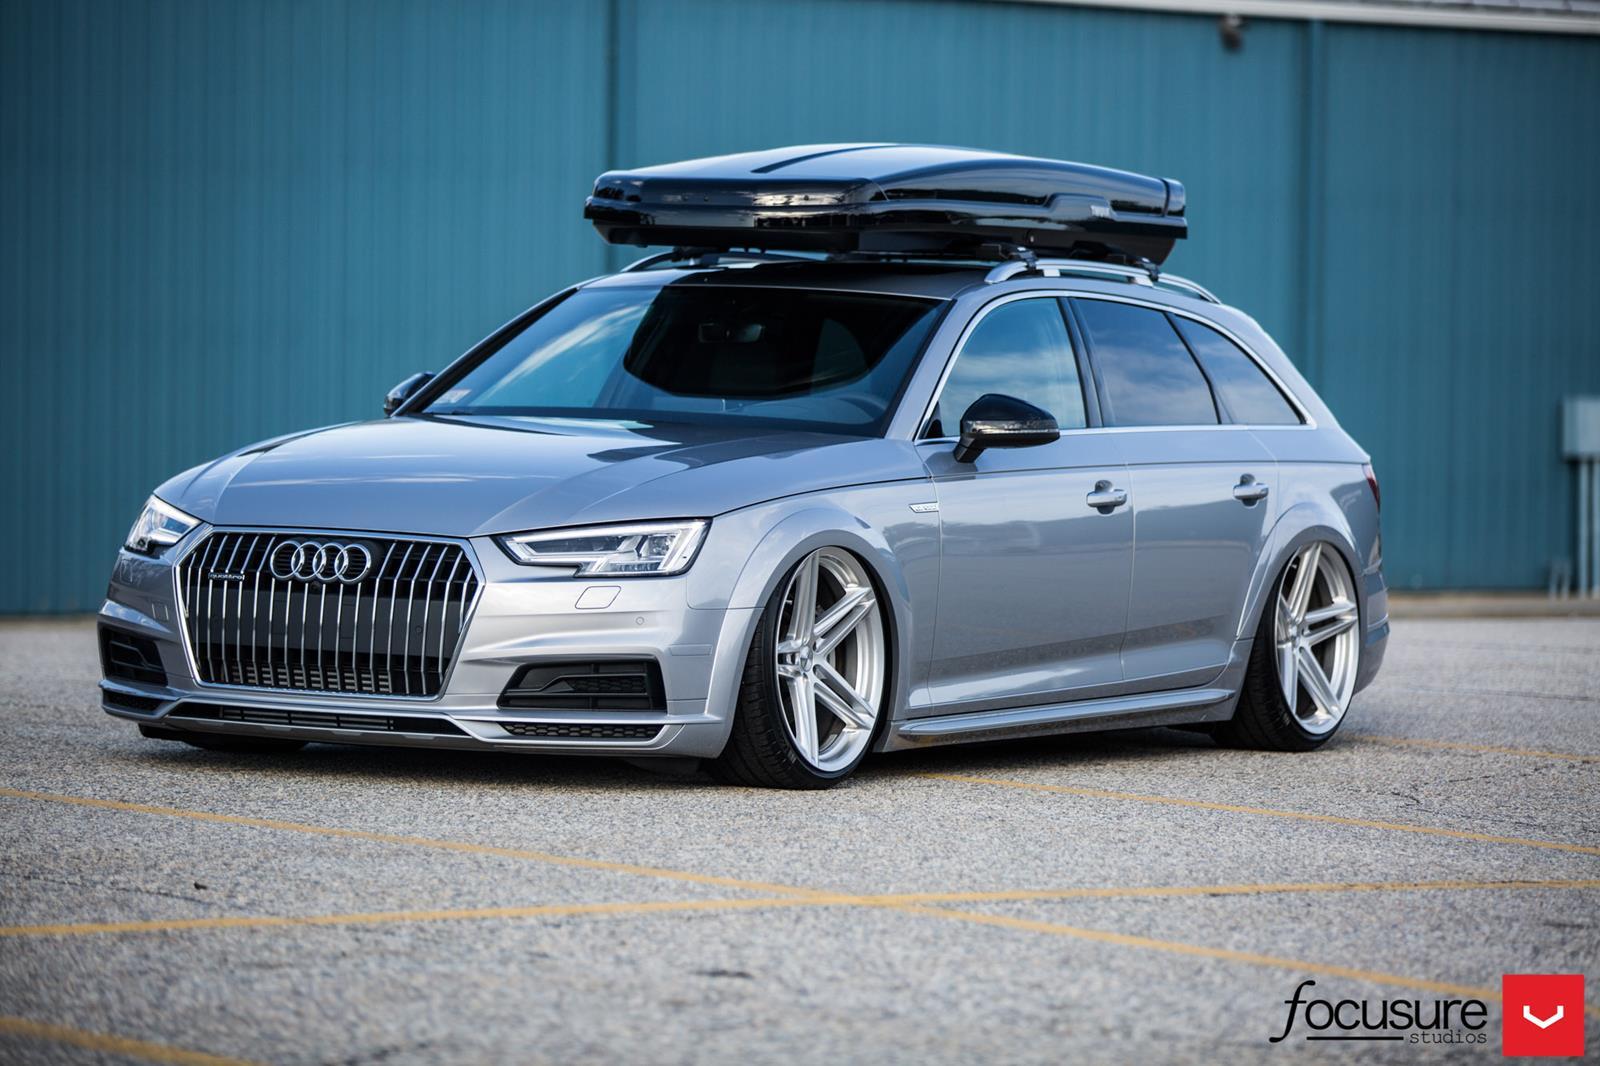 Audi Allroad Vossen Flow Formed Series Vfs5 Vossen Wheels